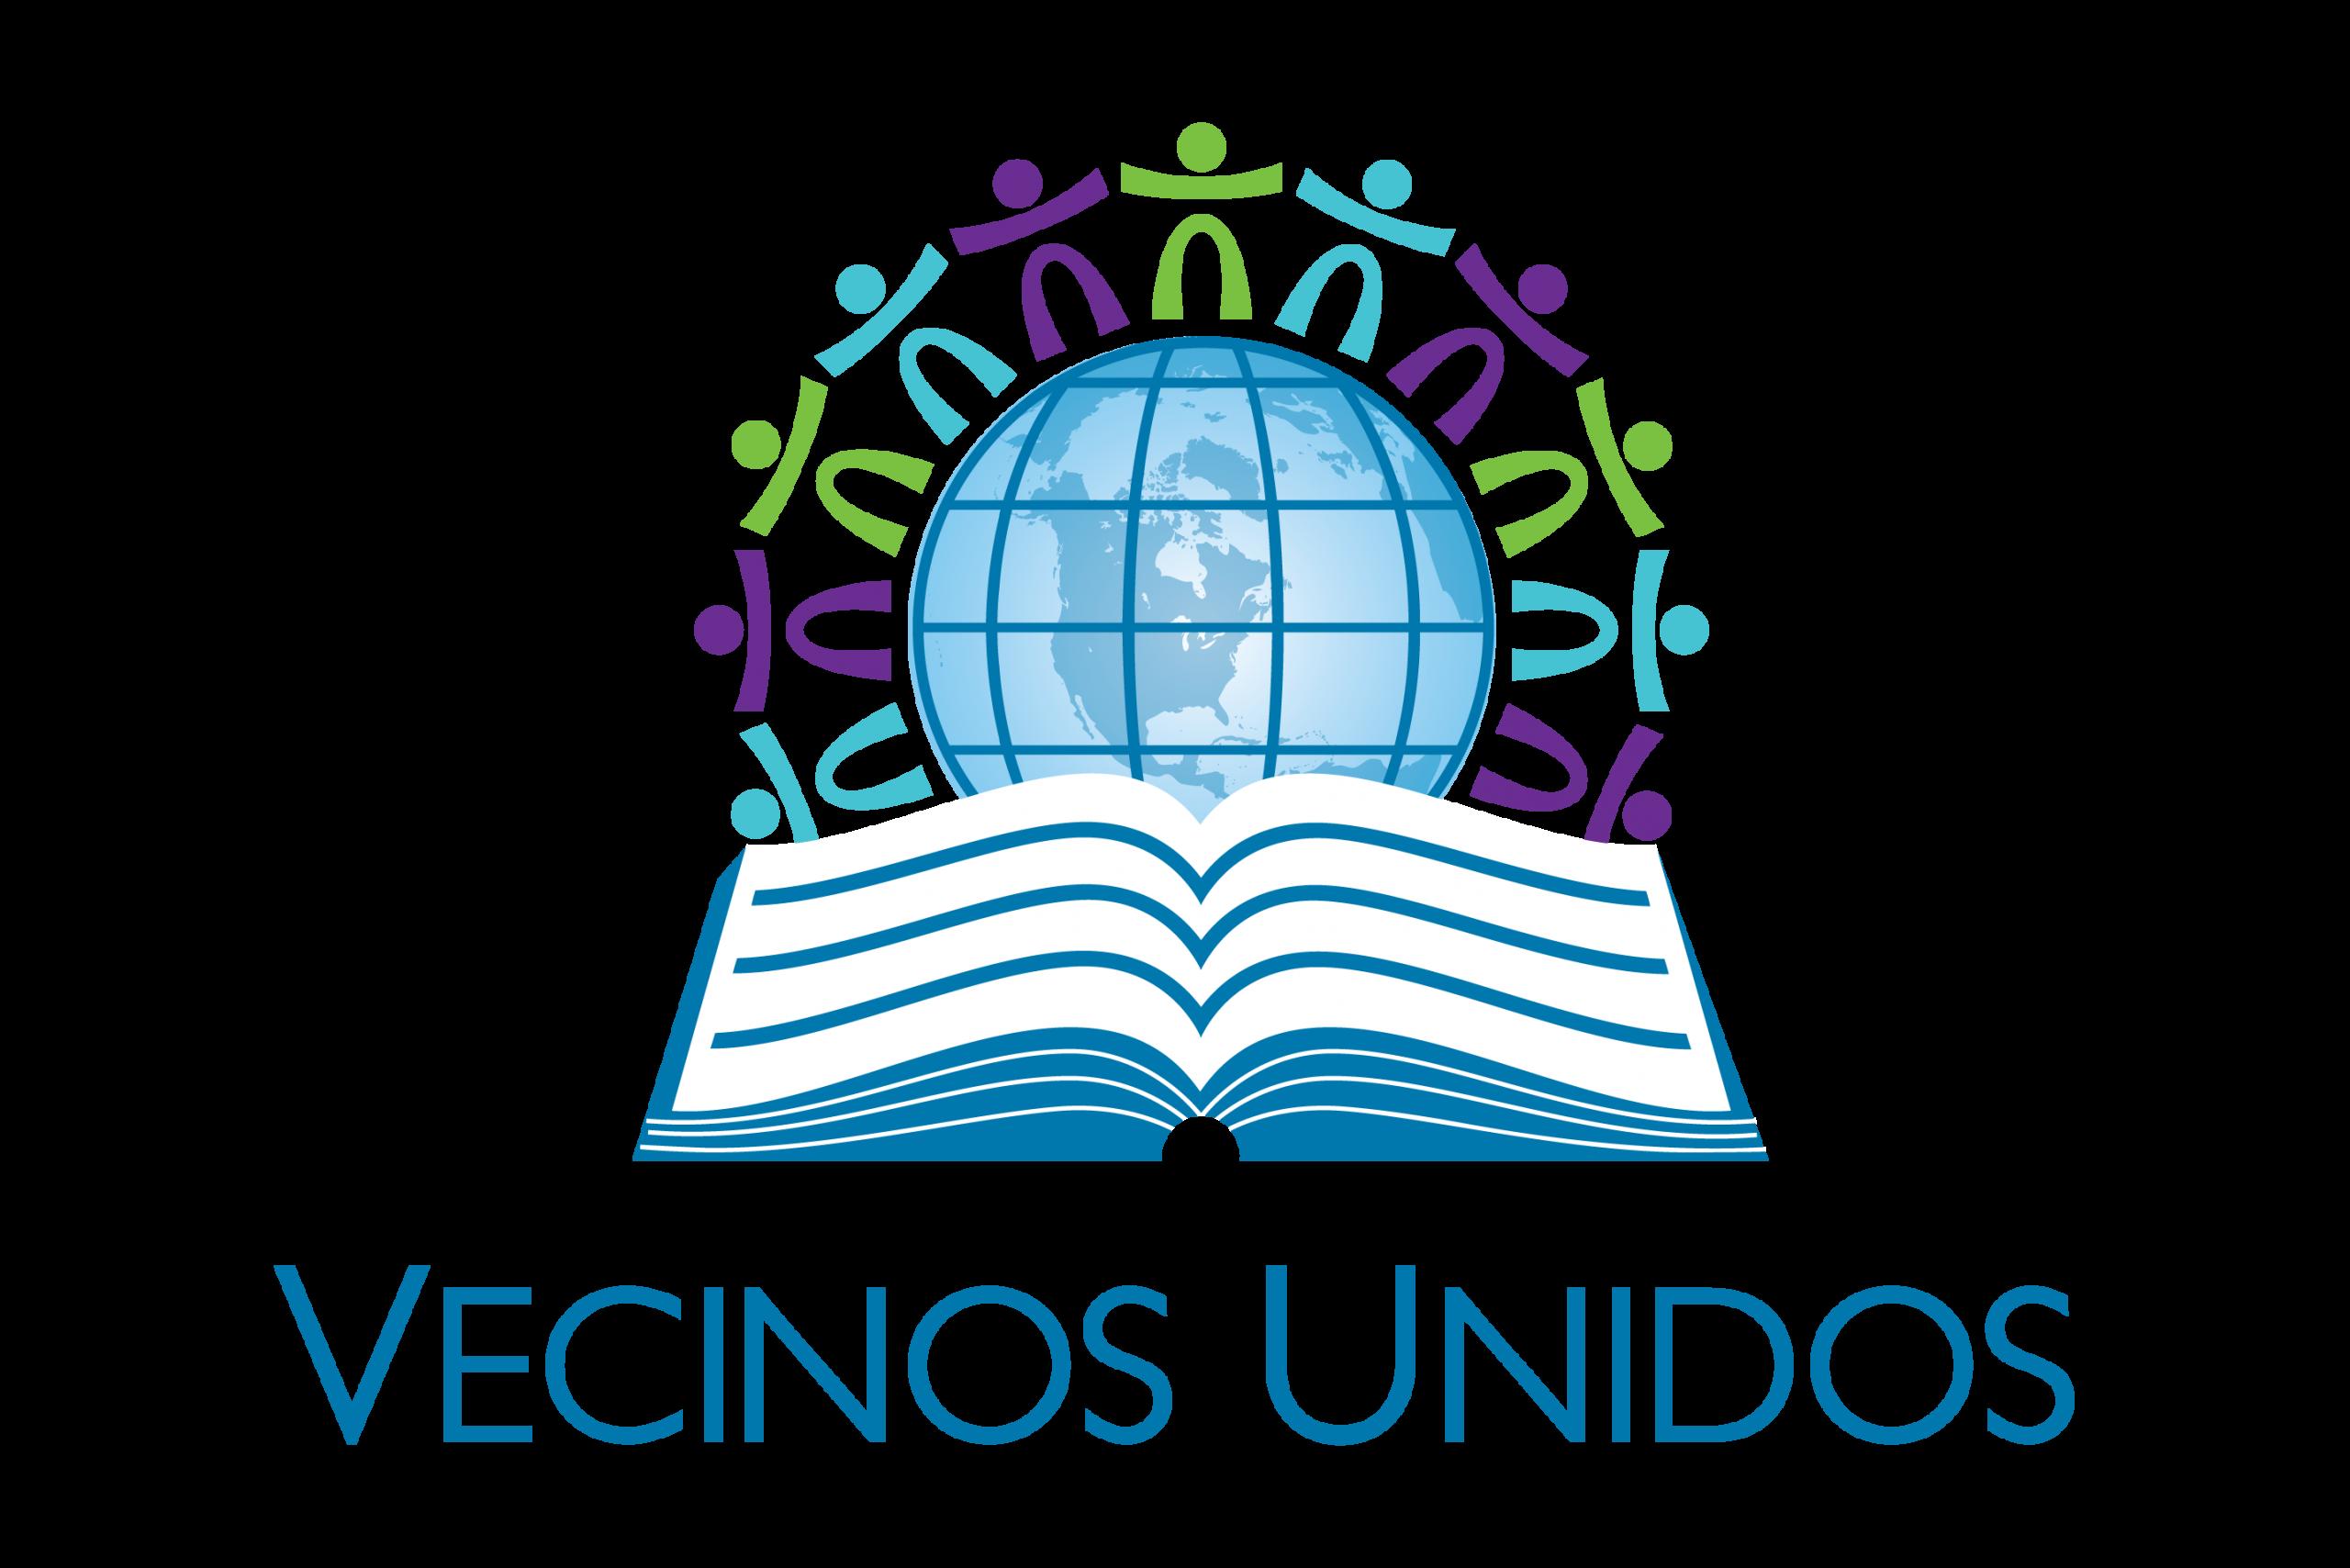 Vecinos Unidos Logo